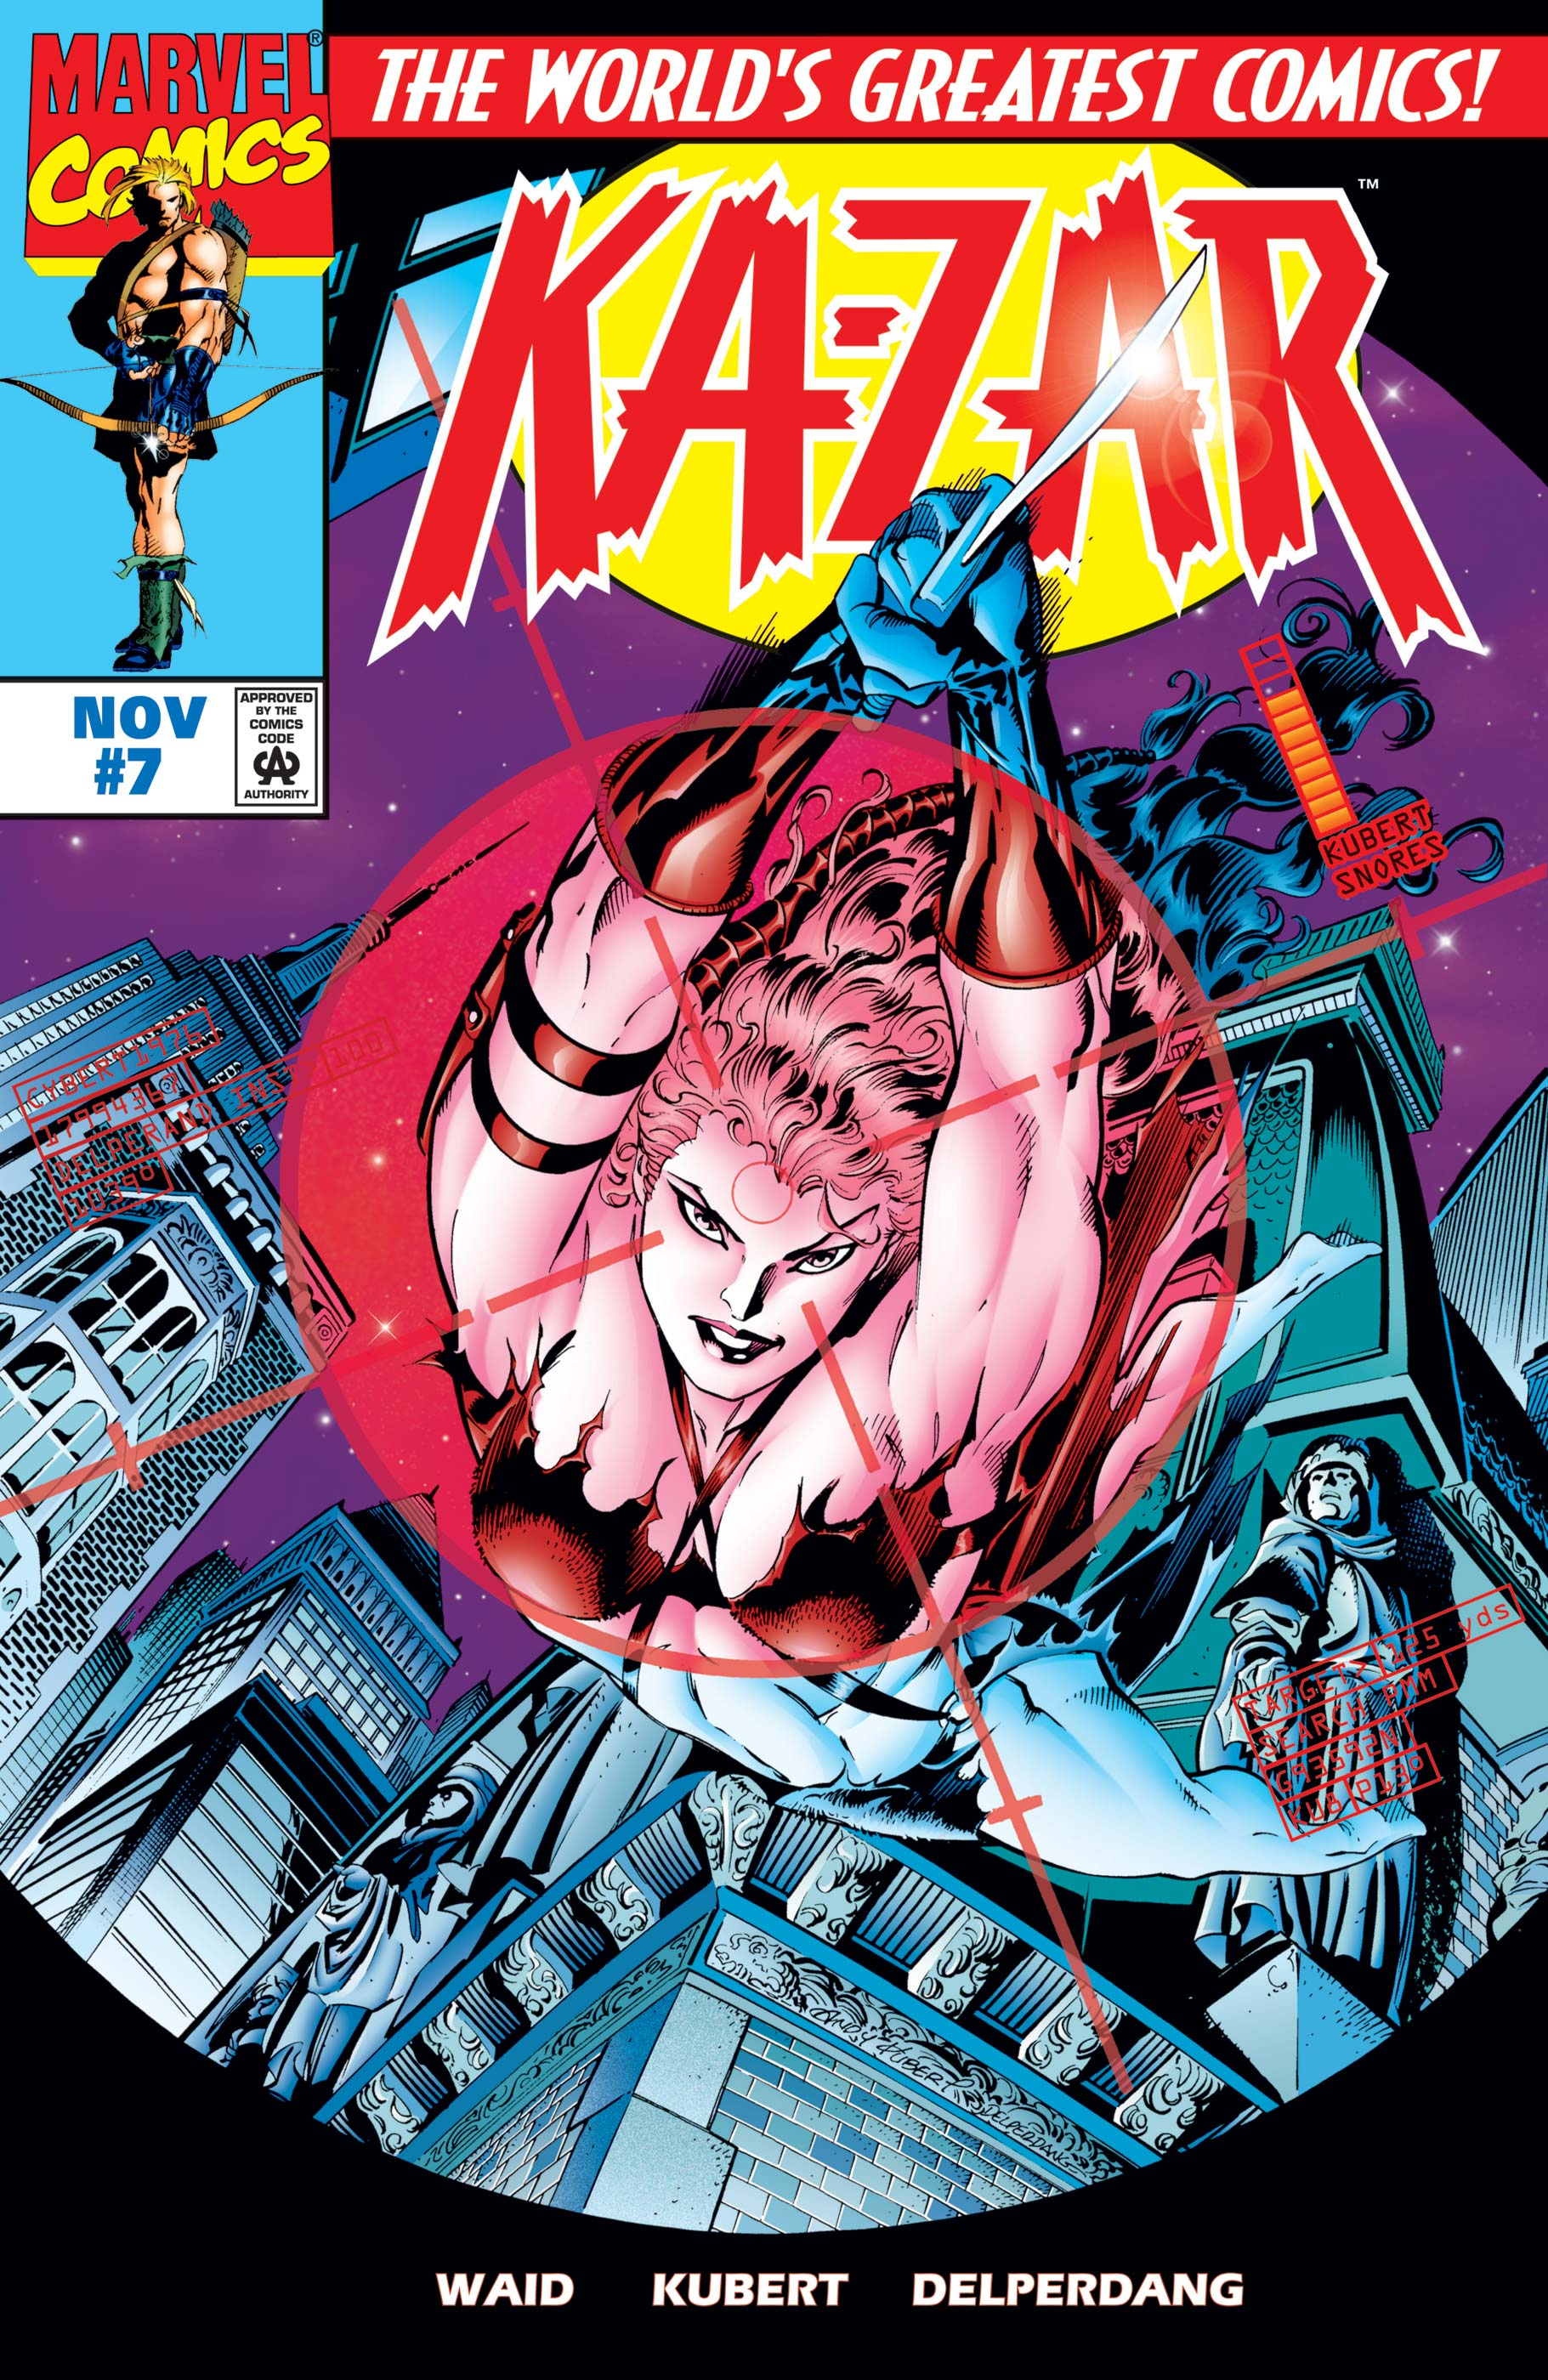 Ka-Zar (1997) #7